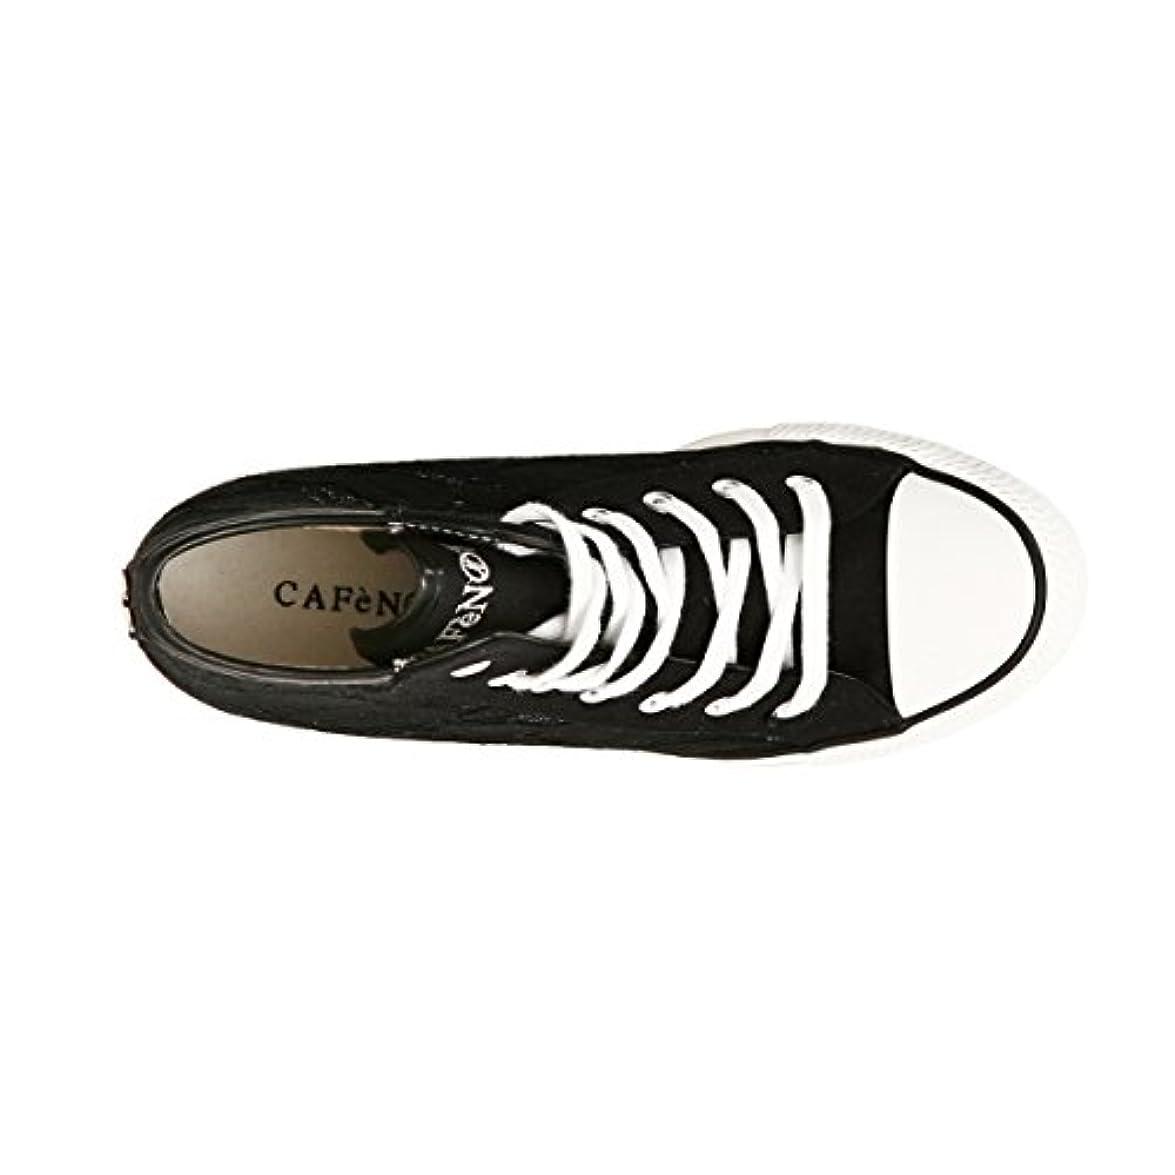 Cafènoir Sneakers Per Donna In Tessuto Macramè Bianco Zeppa Interna 7cm